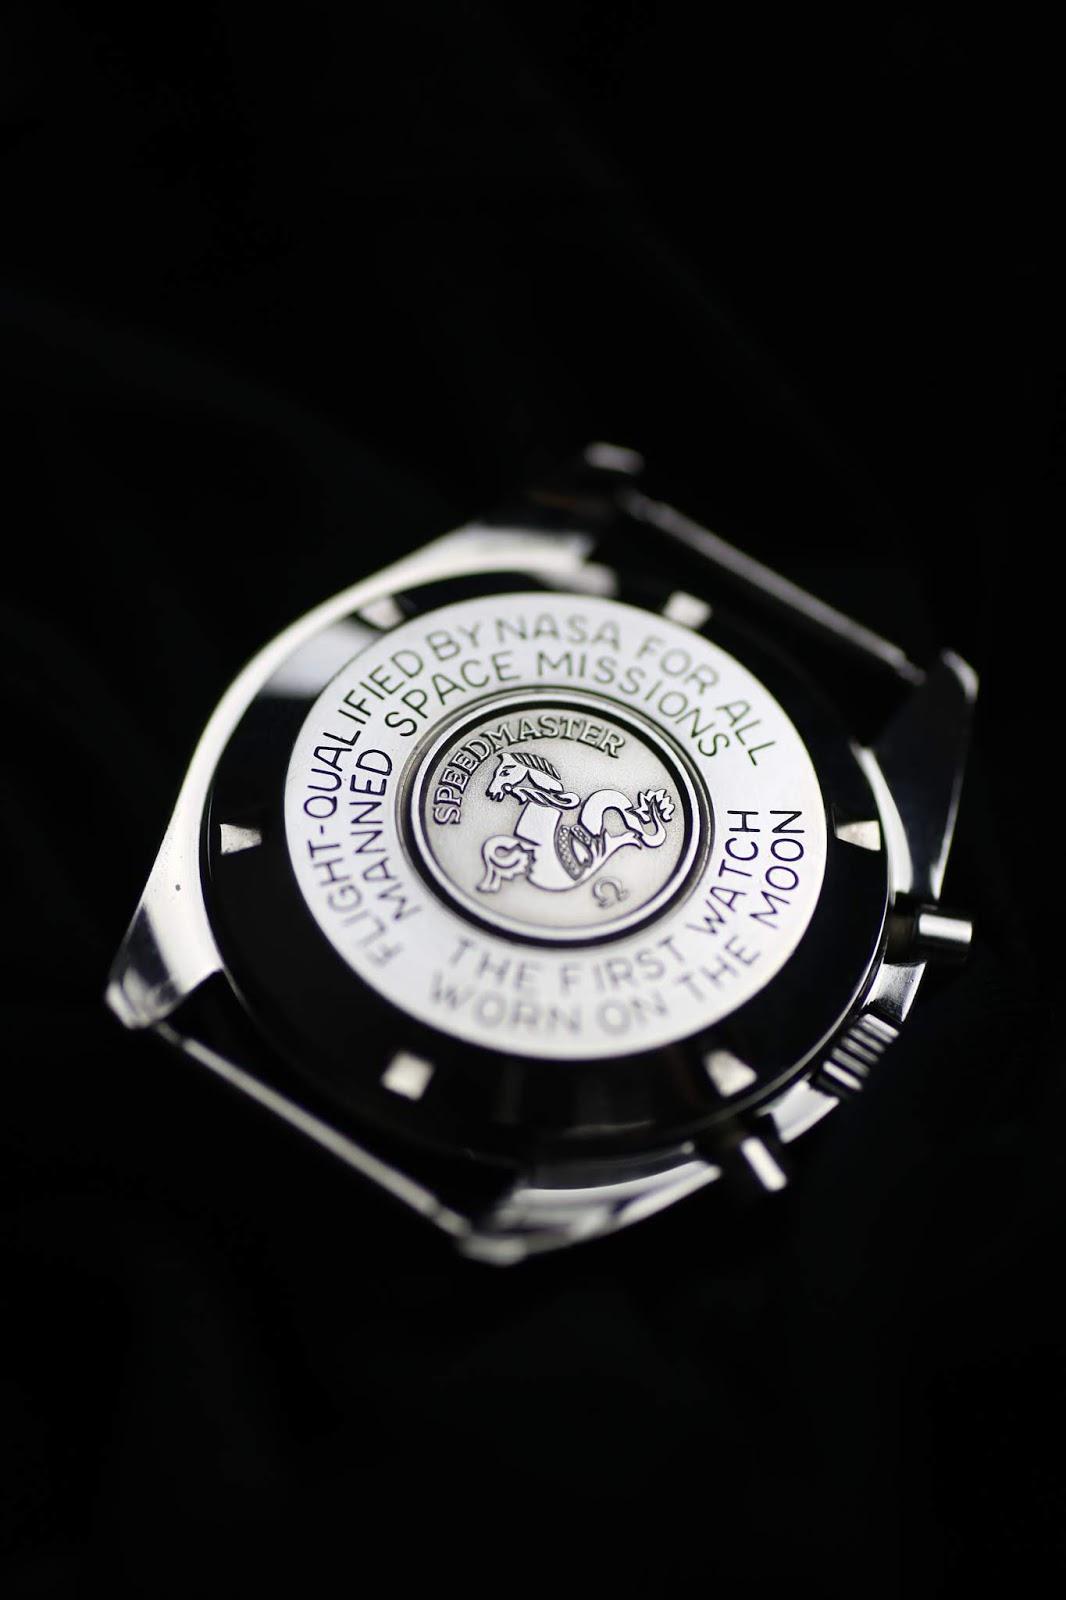 CasebackOmega Speedmaster 3590.50 Watch Vault Face.JPG